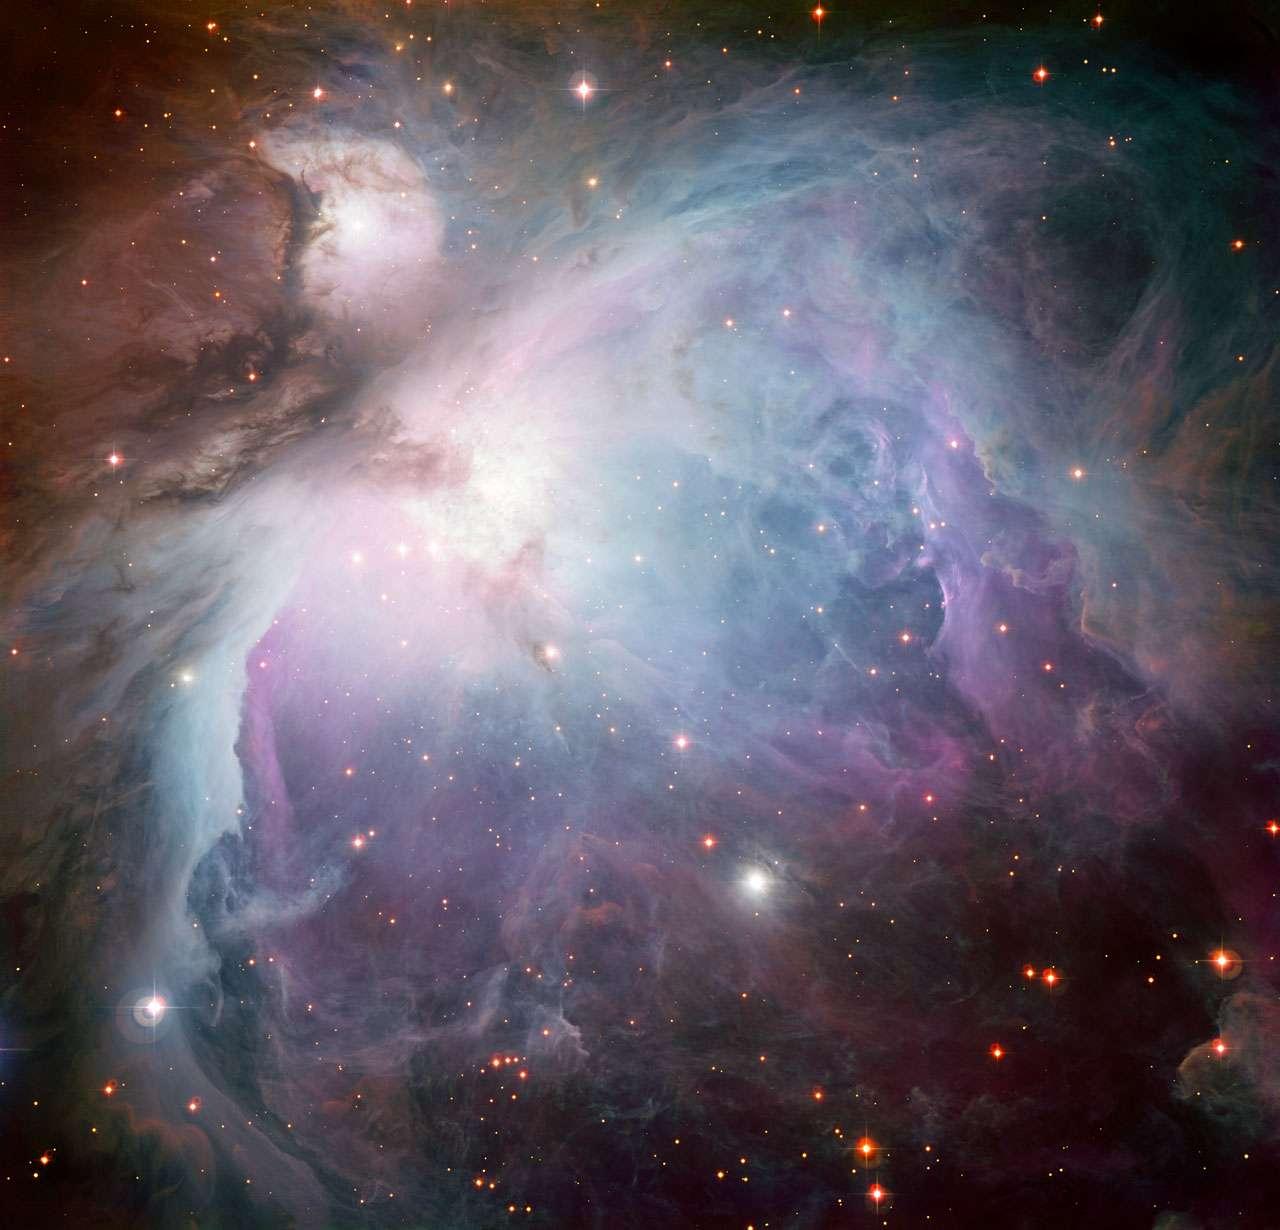 Cette image de la nébuleuse d'Orion à l'aspect éthéré a été obtenue avec la caméra WFI installée sur le télescope de 2,2 mètres MGP-ESO à l'observatoire de La Silla, au Chili. La nébuleuse d'Orion, aussi connue sous le nom de Messier 42, est l'un des objets célestes les plus faciles à reconnaître et l'un des mieux étudiés. C'est un énorme complexe de gaz et de poussière où se forment des étoiles massives, et c'est la région de ce genre la plus proche de la Terre. Le gaz lumineux y est si brillant qu'elle peut être vue à l'œil nu, et elle offre un paysage fascinant quand on l'observe au télescope. Malgré son caractère familier et sa proximité, il y a encore beaucoup à apprendre sur cette nurserie stellaire. Ce n'est par exemple qu'en 2007 que l'on a constaté qu'elle était plus proche de la Terre qu'on le pensait : 1.350 années-lumière au lieu de 1.500 années-lumière. Les données utilisées pour cette image ont été sélectionnées par le Russe Igor Chekalin, qui a participé au concours d'astrophotographie « Les trésors cachés 2010 de l'ESO ». © ESO